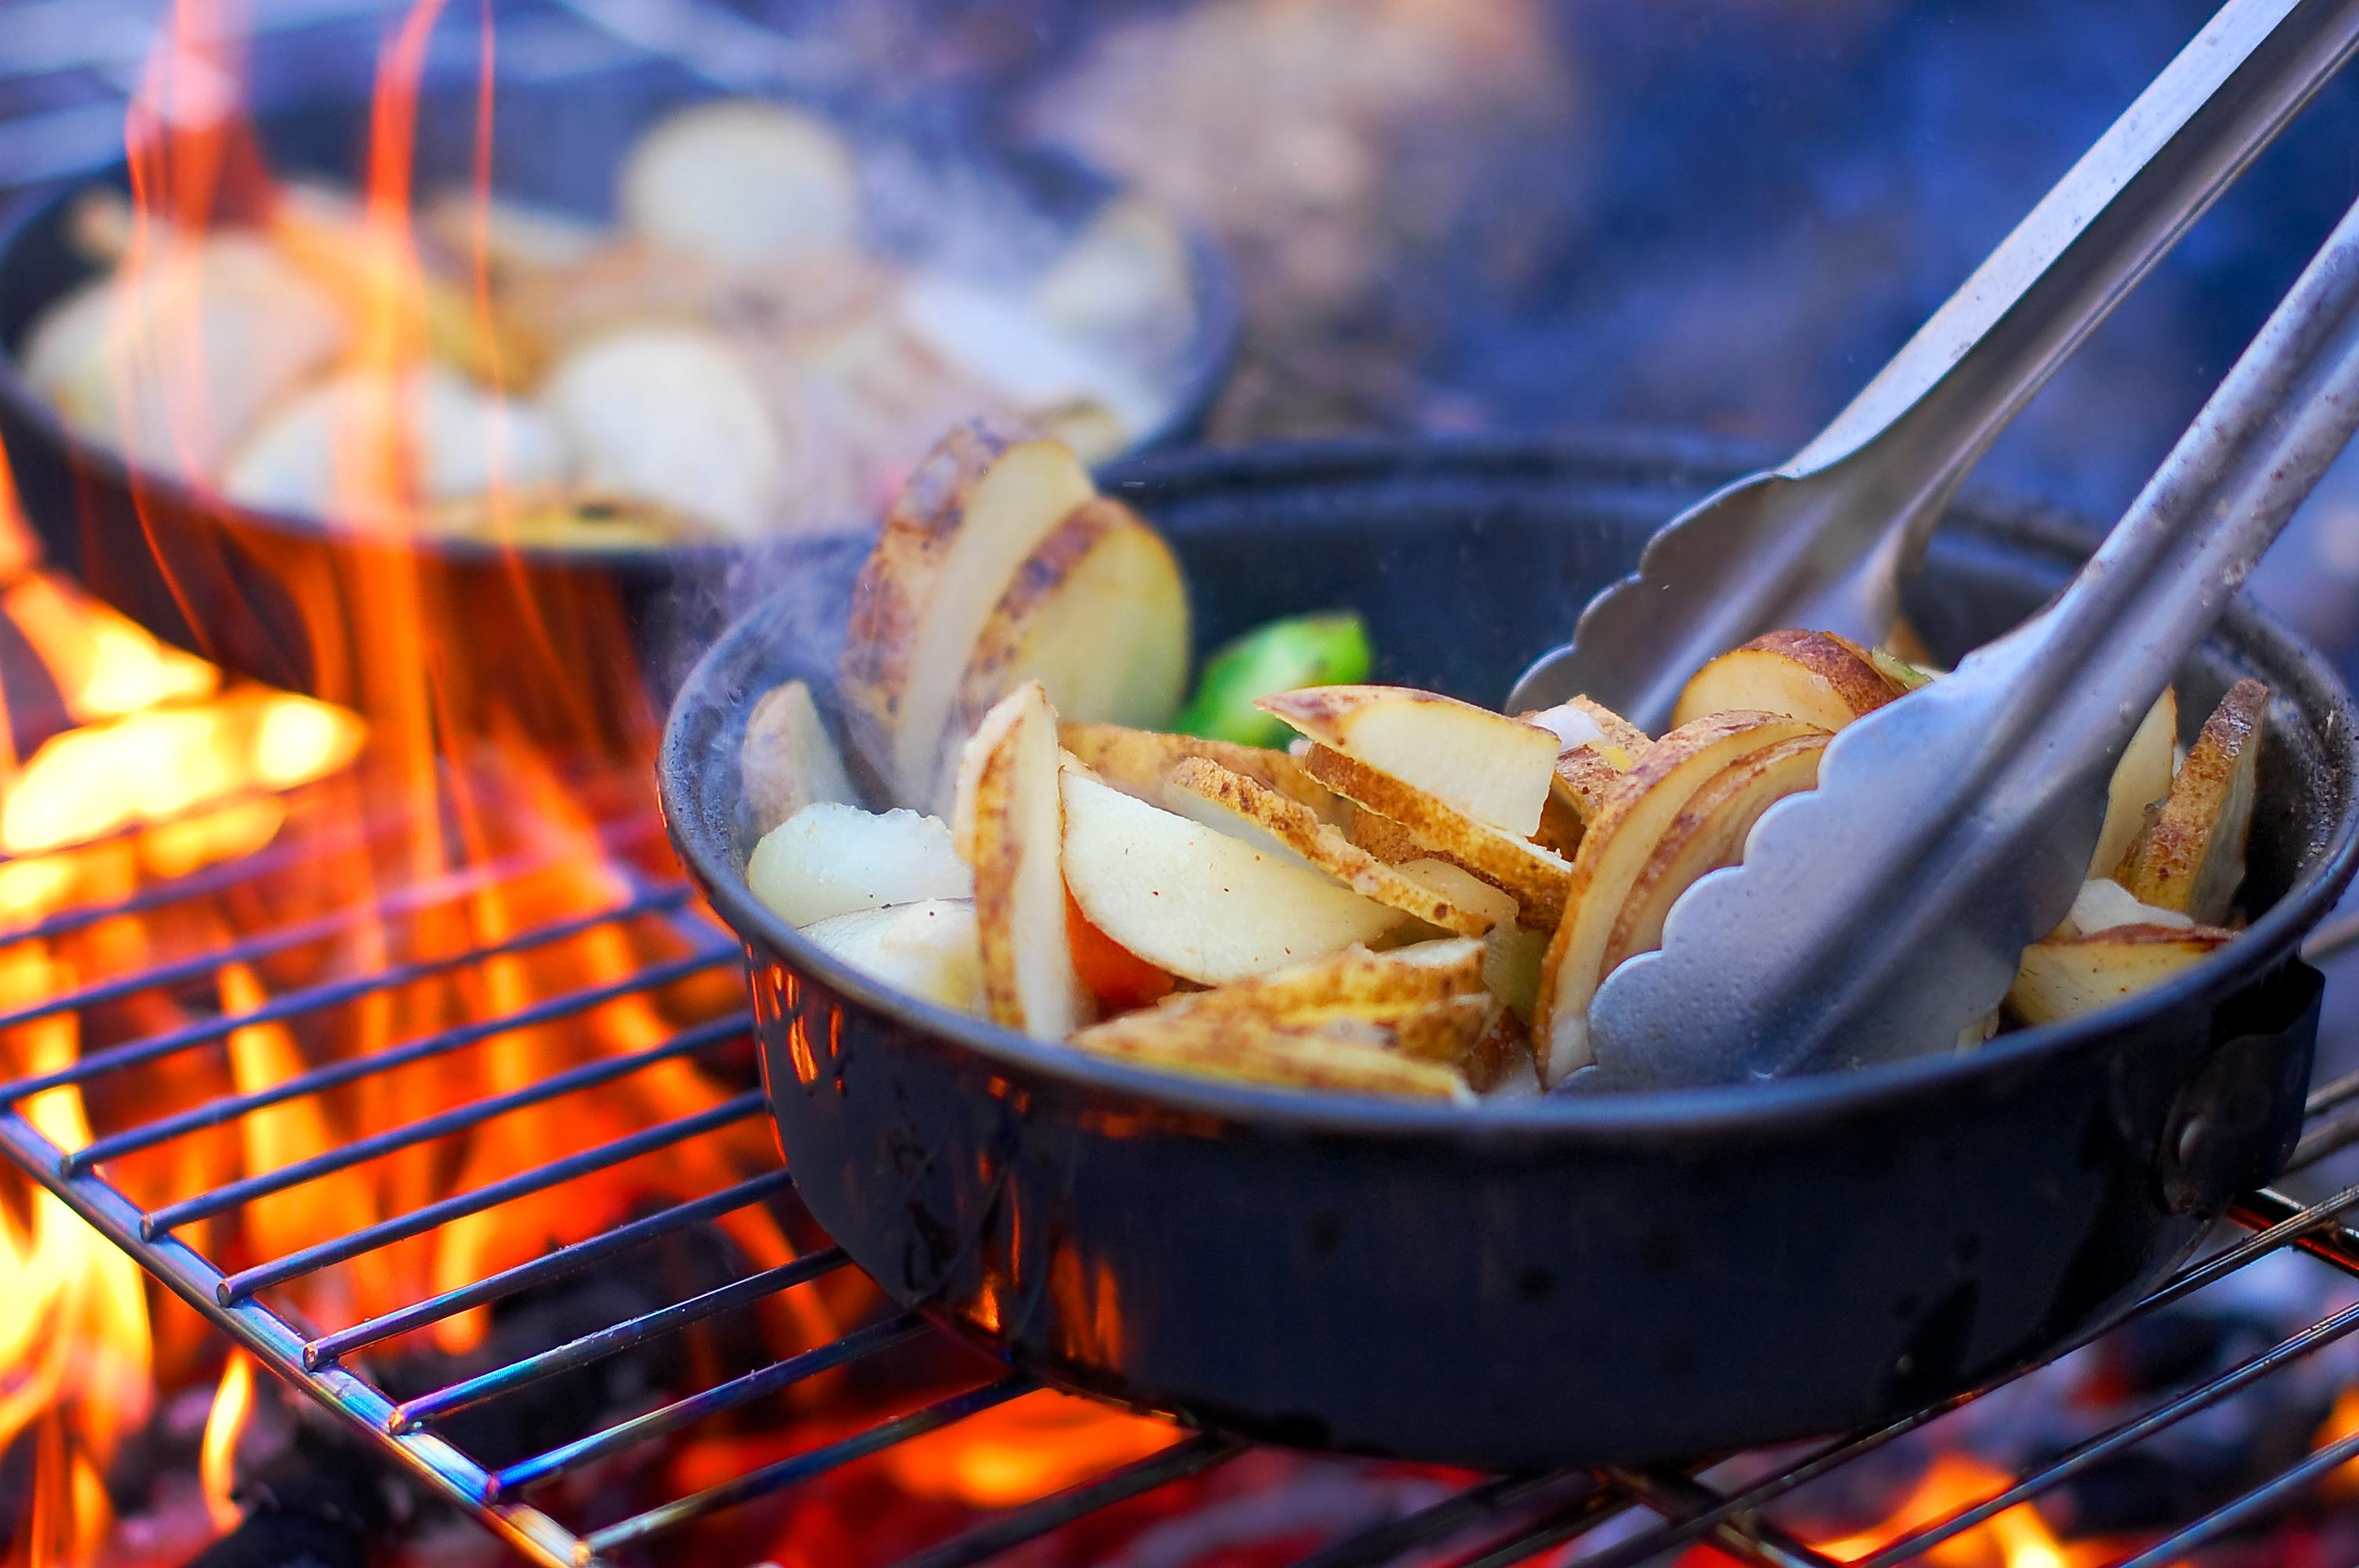 Campfire Dining